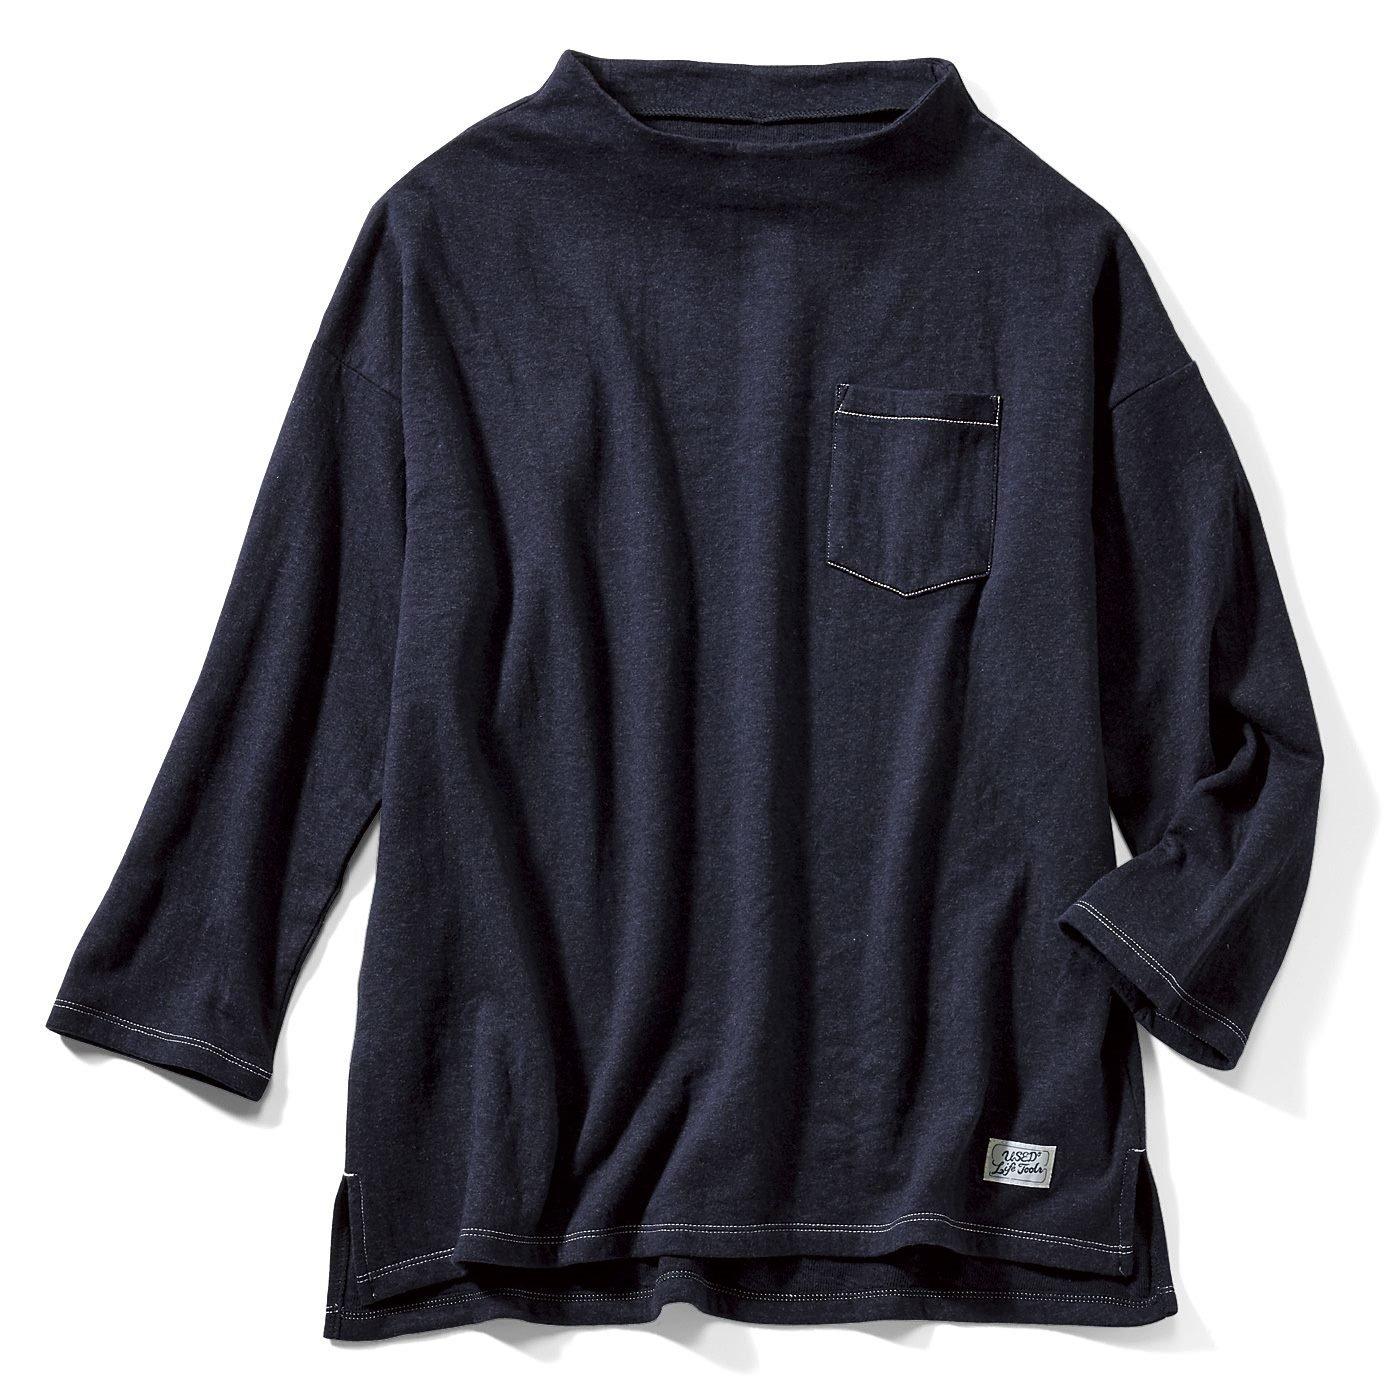 古着屋さんで見つけたような 接結やわらかTシャツ〈ネイビー〉